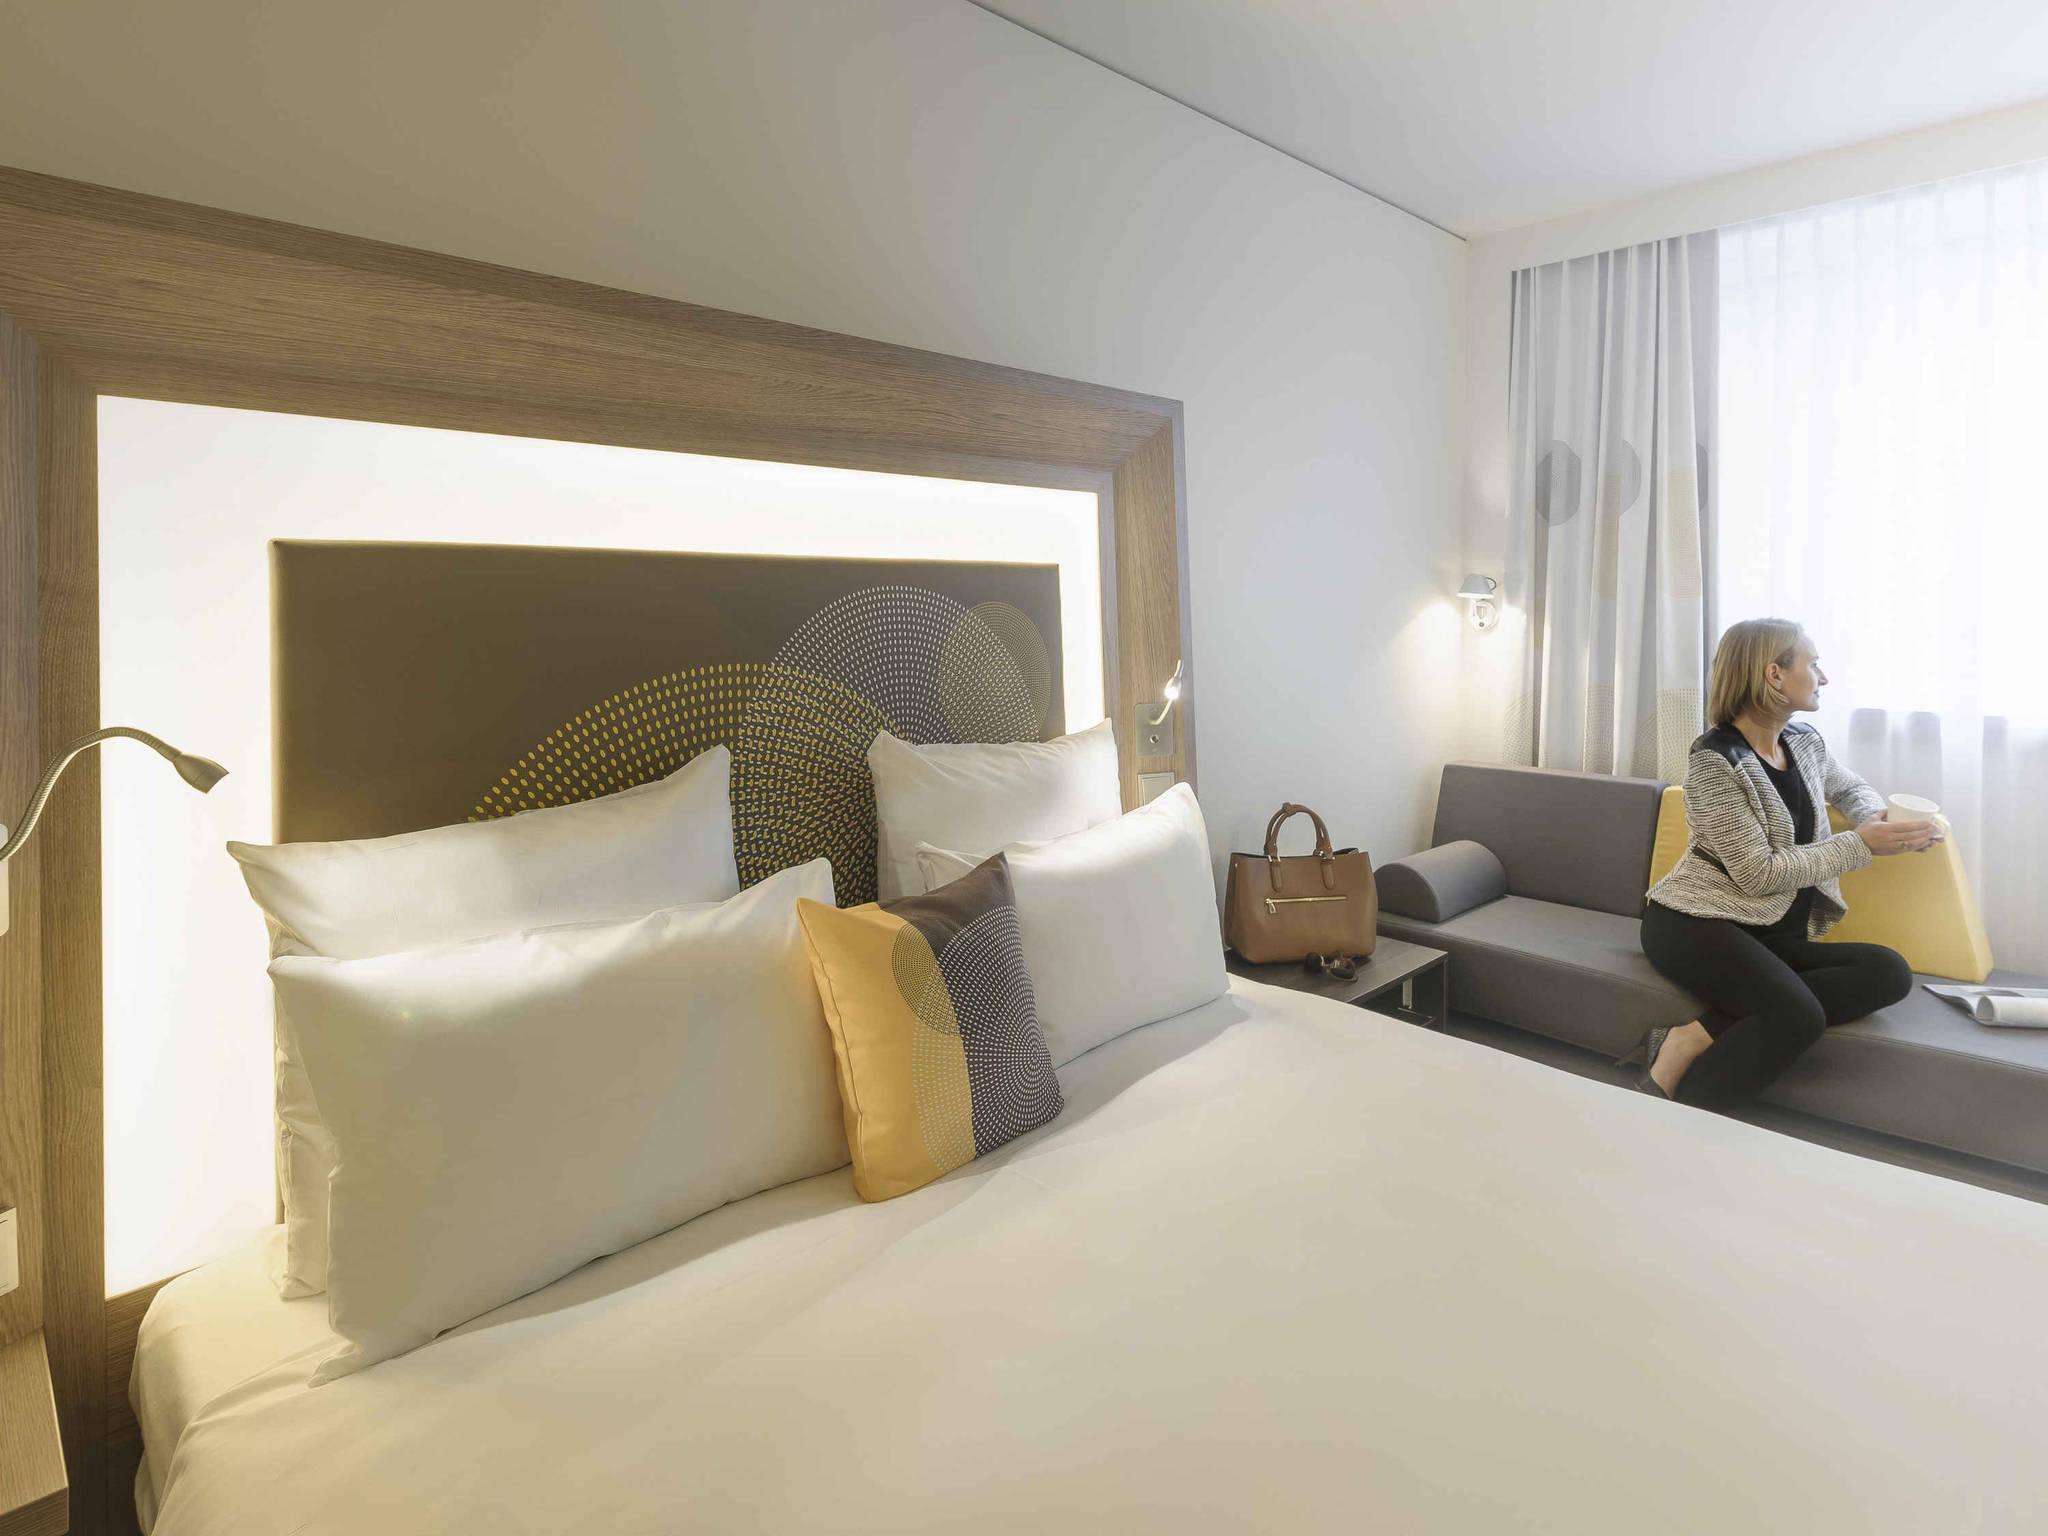 โรงแรม – โนโวเทล มุนเช่น ซิตี้ อาร์นุลฟ์พาร์ค